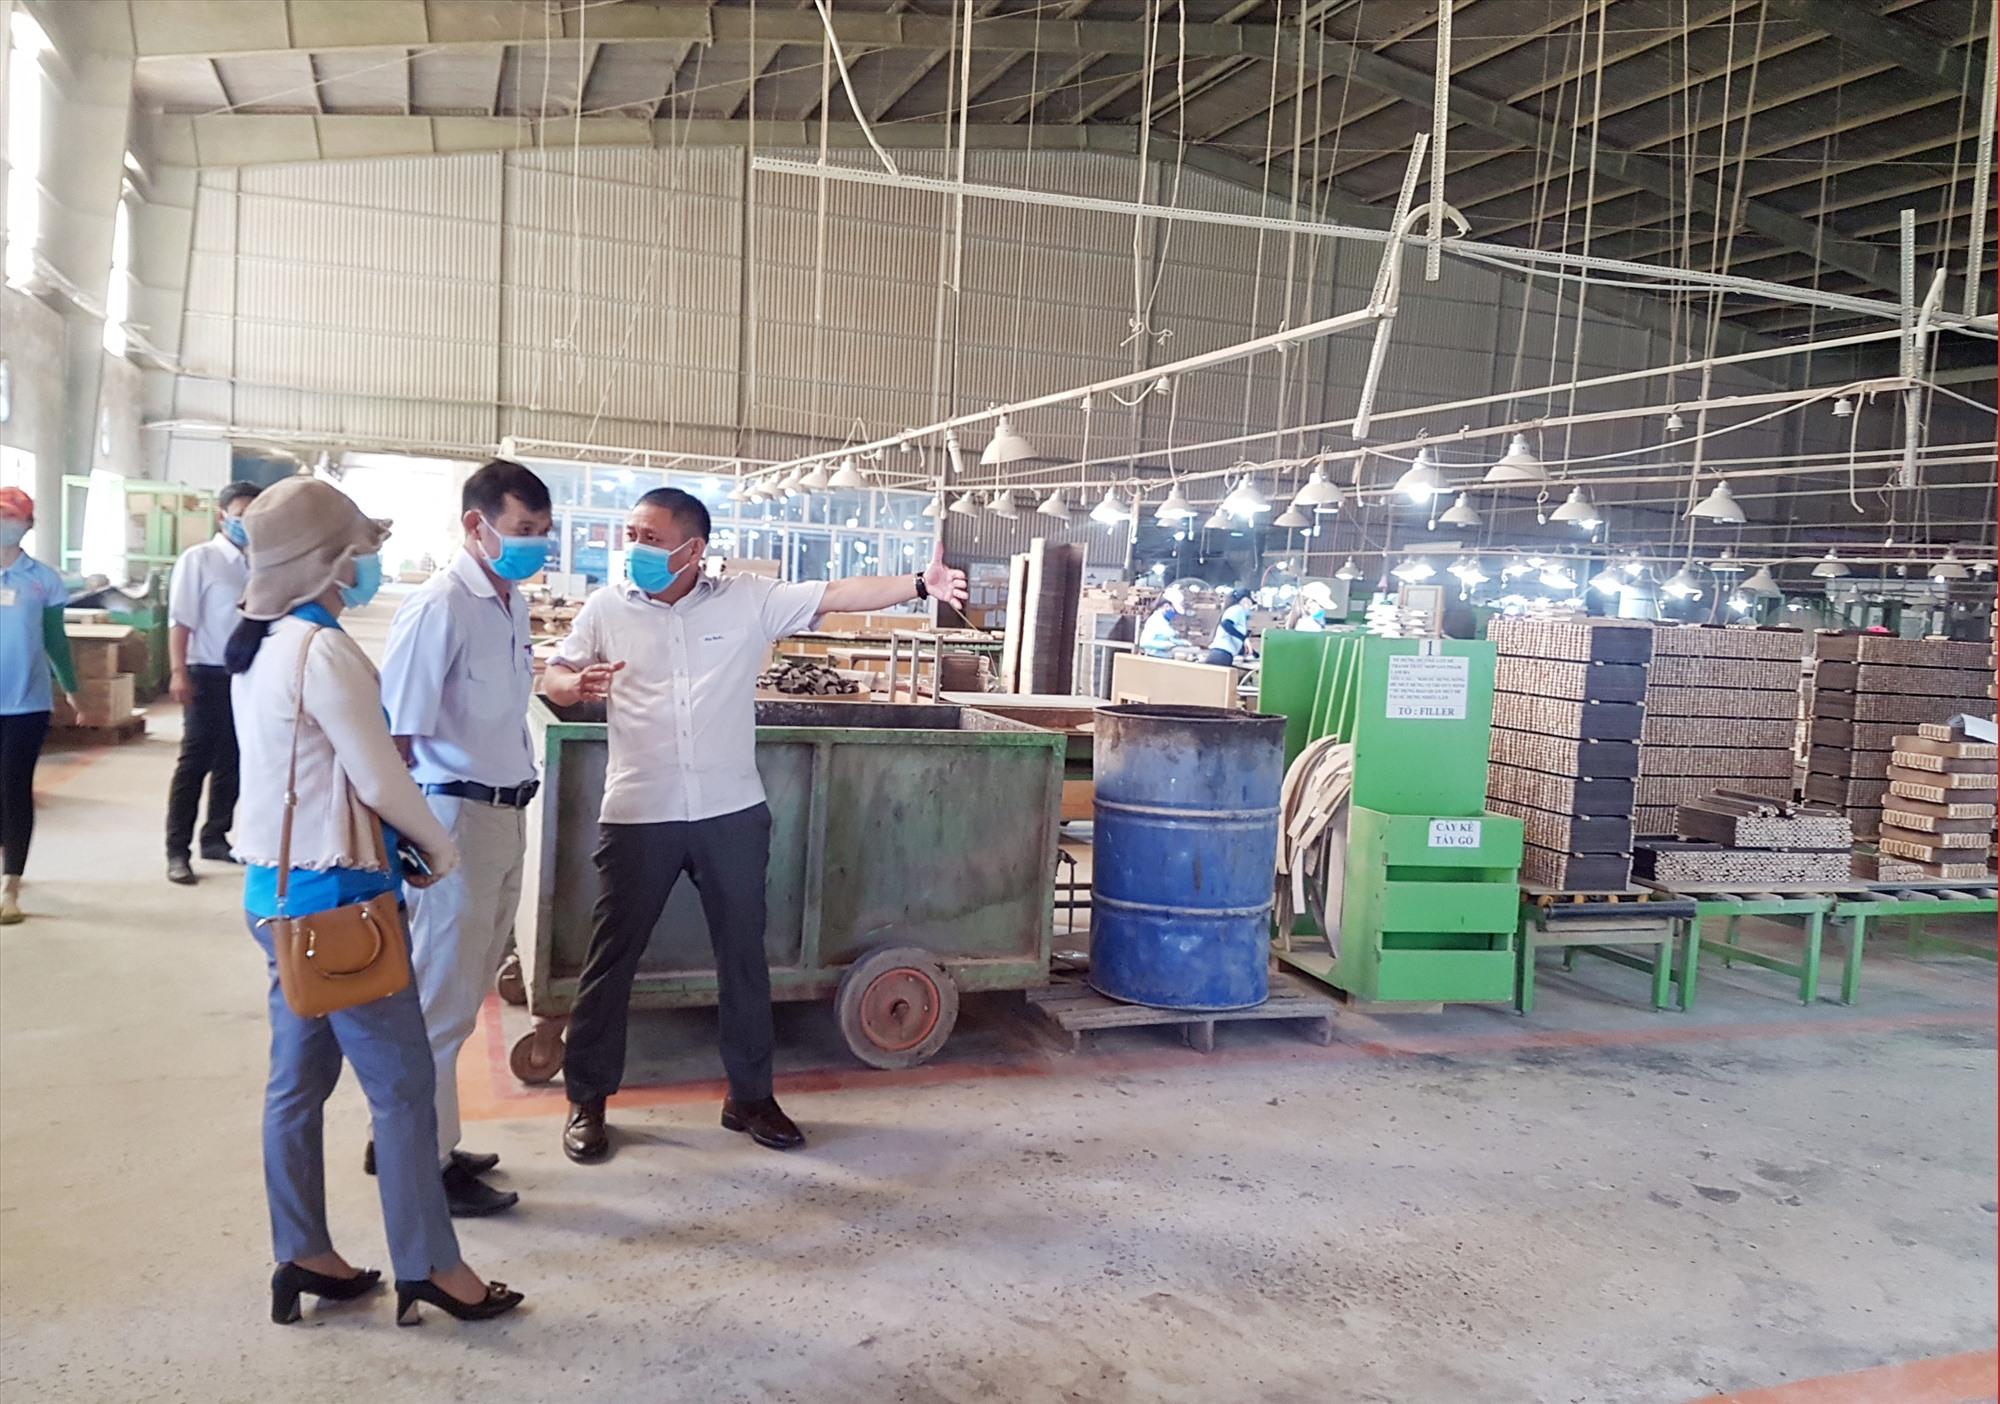 Đoàn kiểm tra nhắc nhở chủ doanh nghiệp về những quy định phòng chống dịch cần khắc phục tại nhà máy sản xuất. Ảnh: D.L